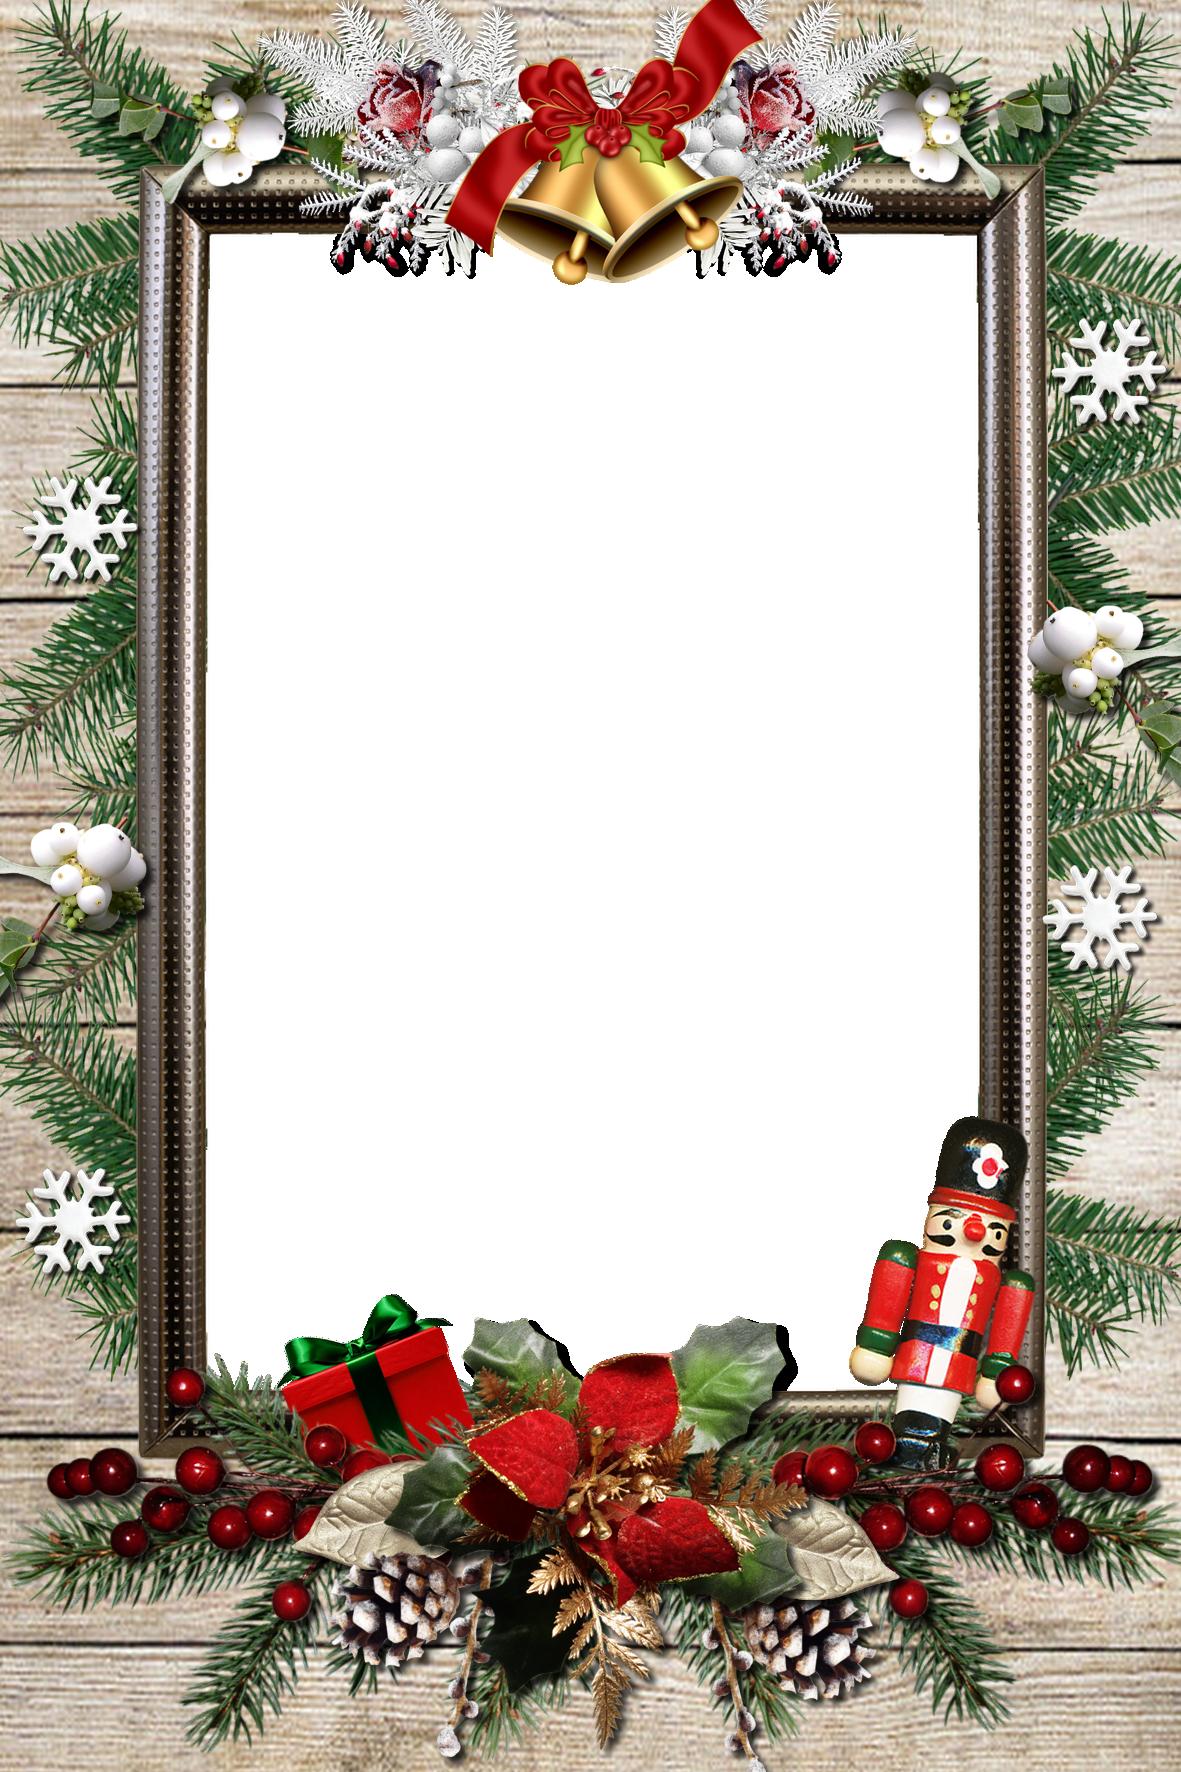 Christmas Frame Png Christmas Clipart Christmas Frames Christmas